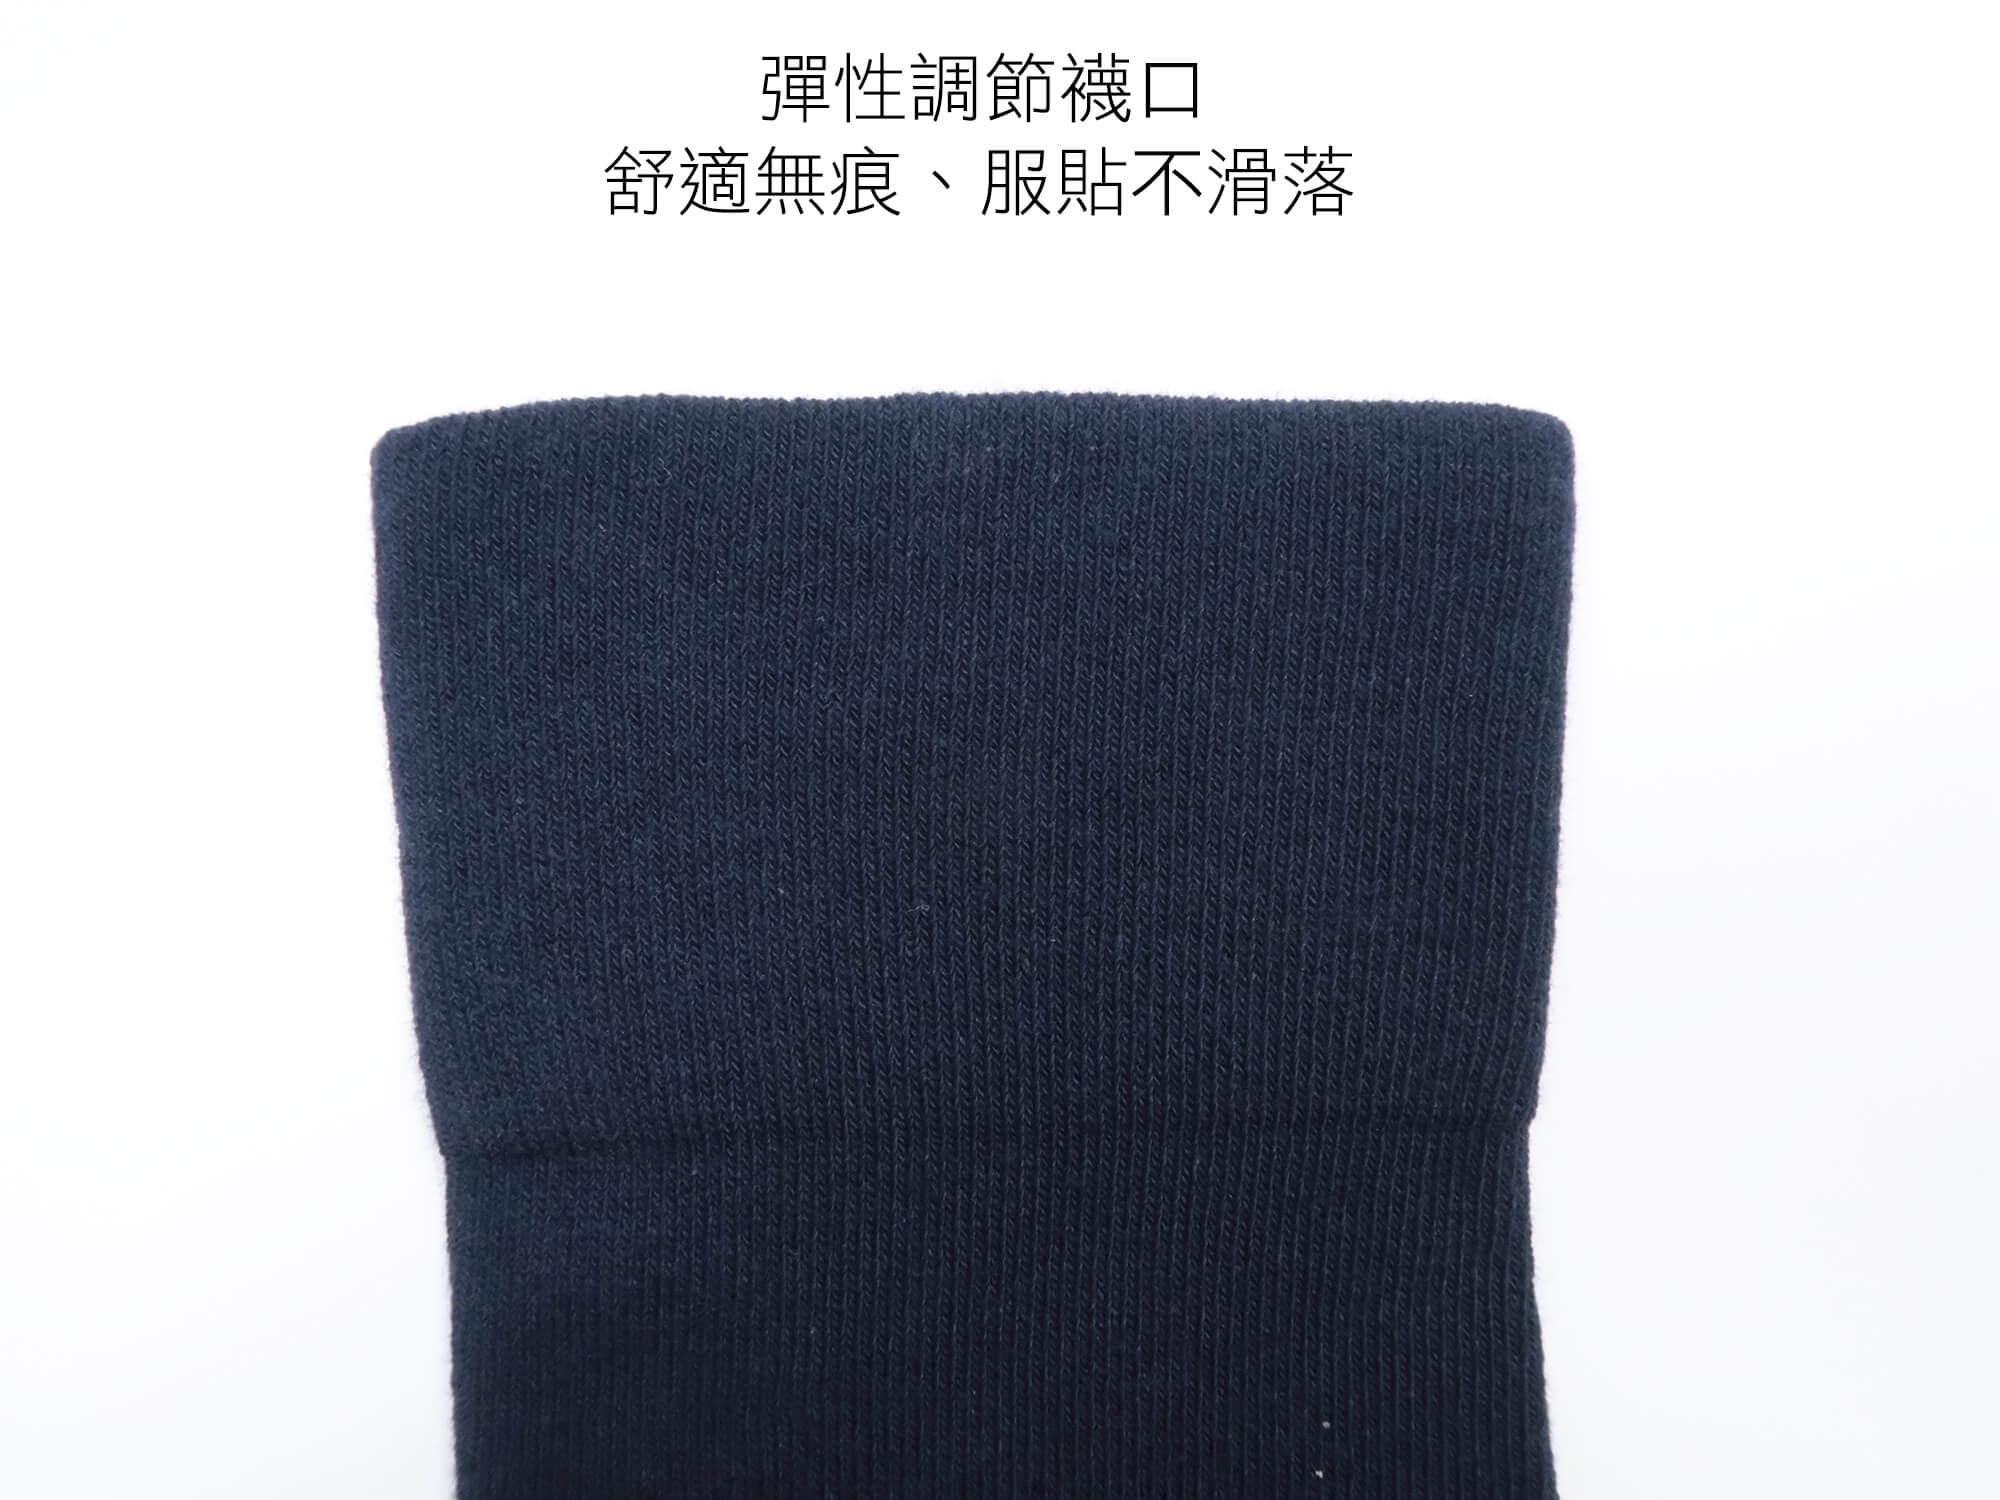 台灣製精梳棉襪 寬口休閒襪 舒適透氣襪子 台灣製造 冬暖夏涼 吸濕 除臭 三合豐(ELF) MADE IN TAIWAN SOCKS COMBED COTTON SOCKS (6416-1)黑色、(6416-2)白色、(6416-3)深灰色、(6416-4)深藍色 尺寸24~26公分 [實體店面保障] sun-e 6